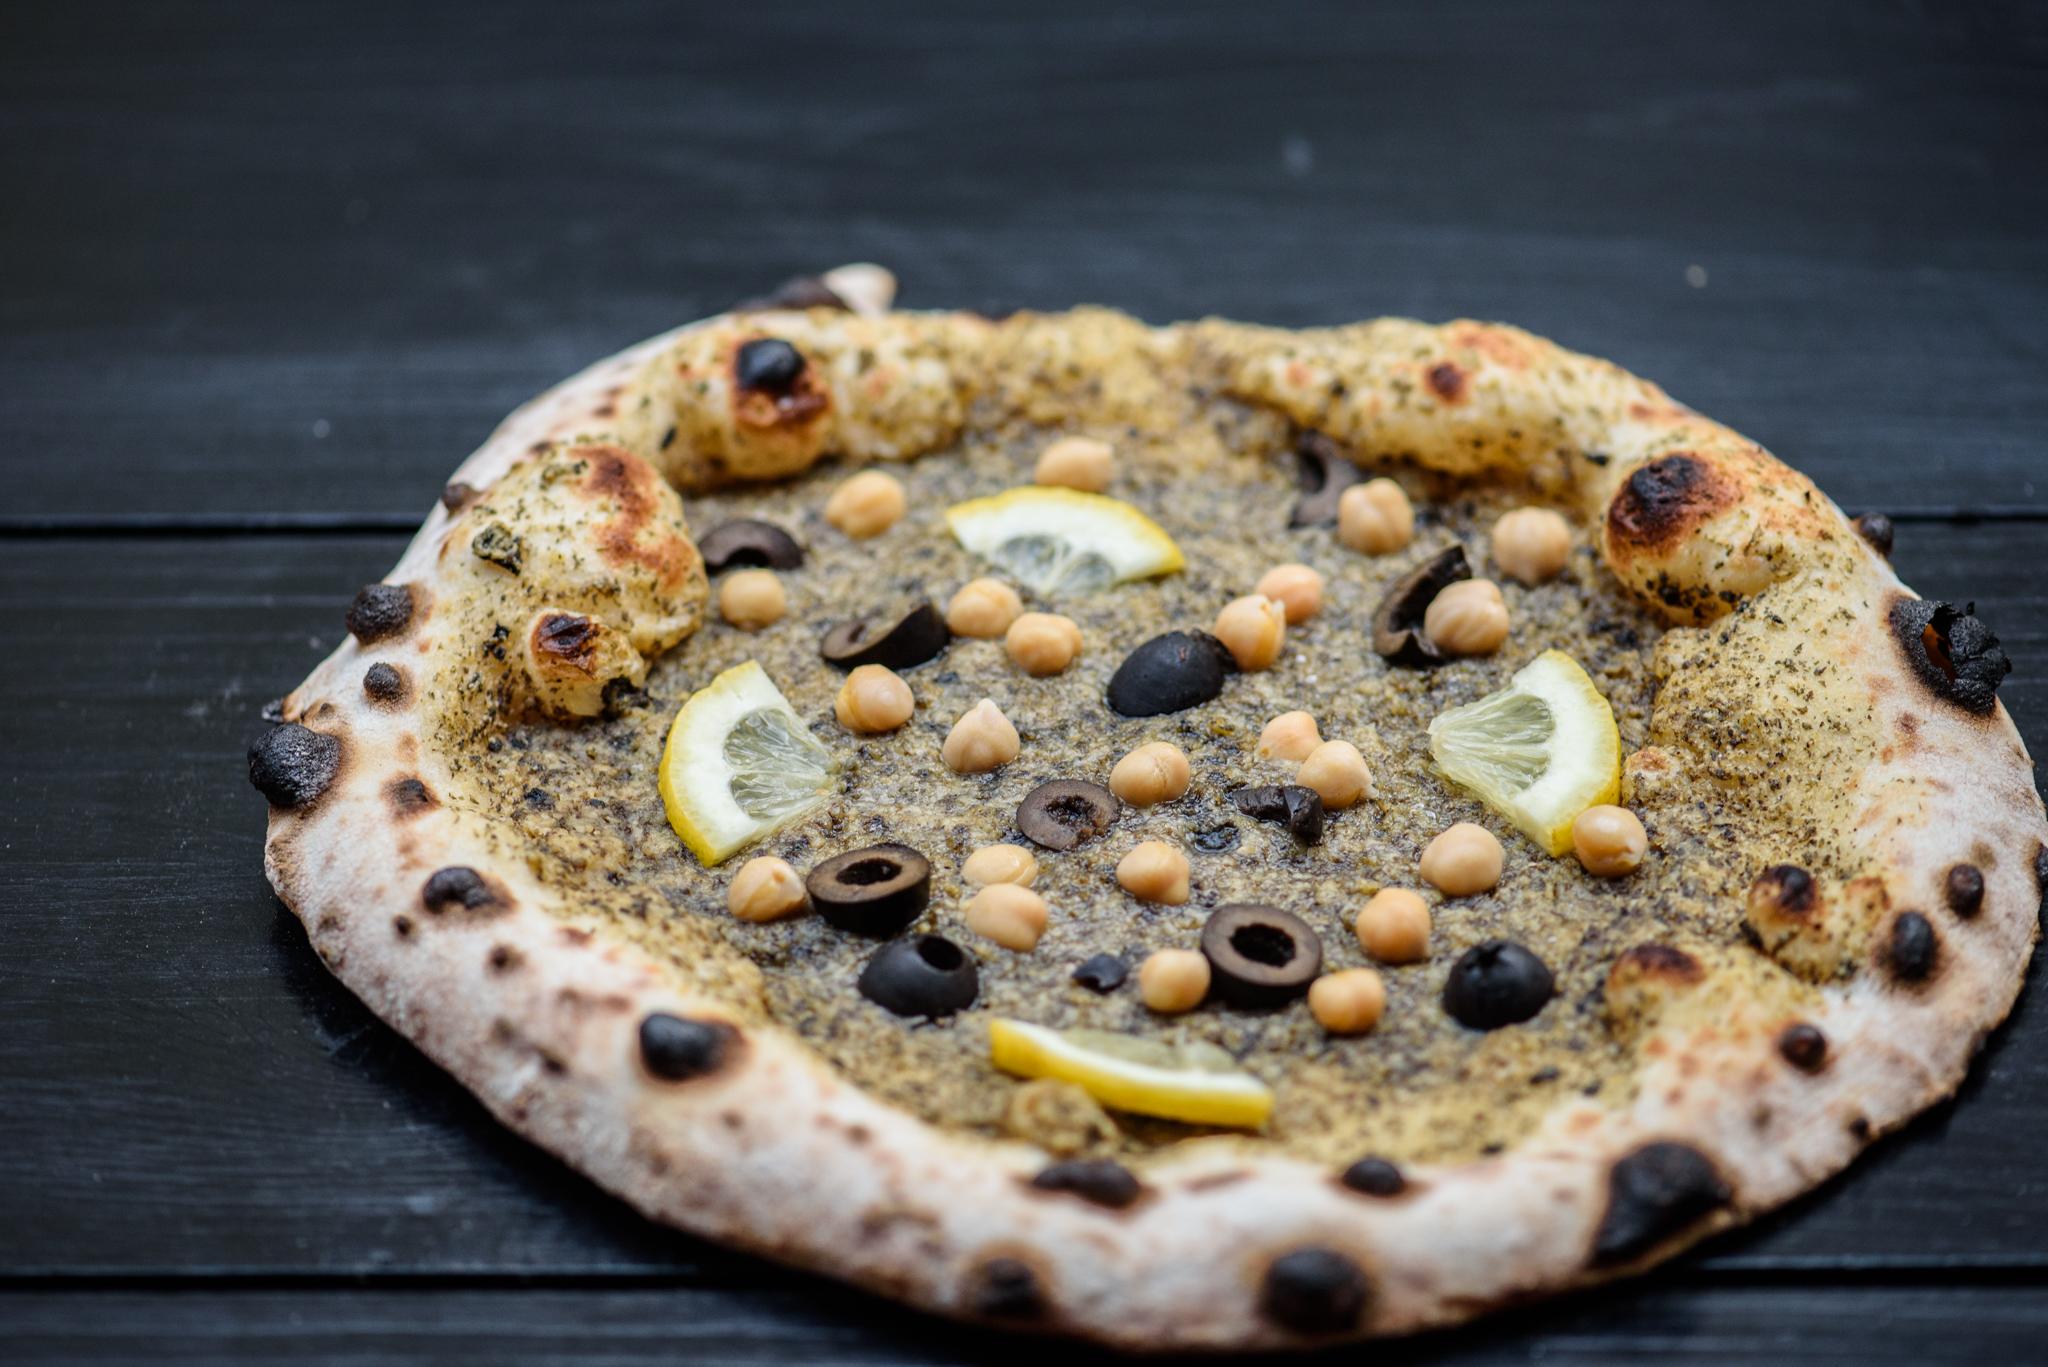 étel fotó; egy pizza